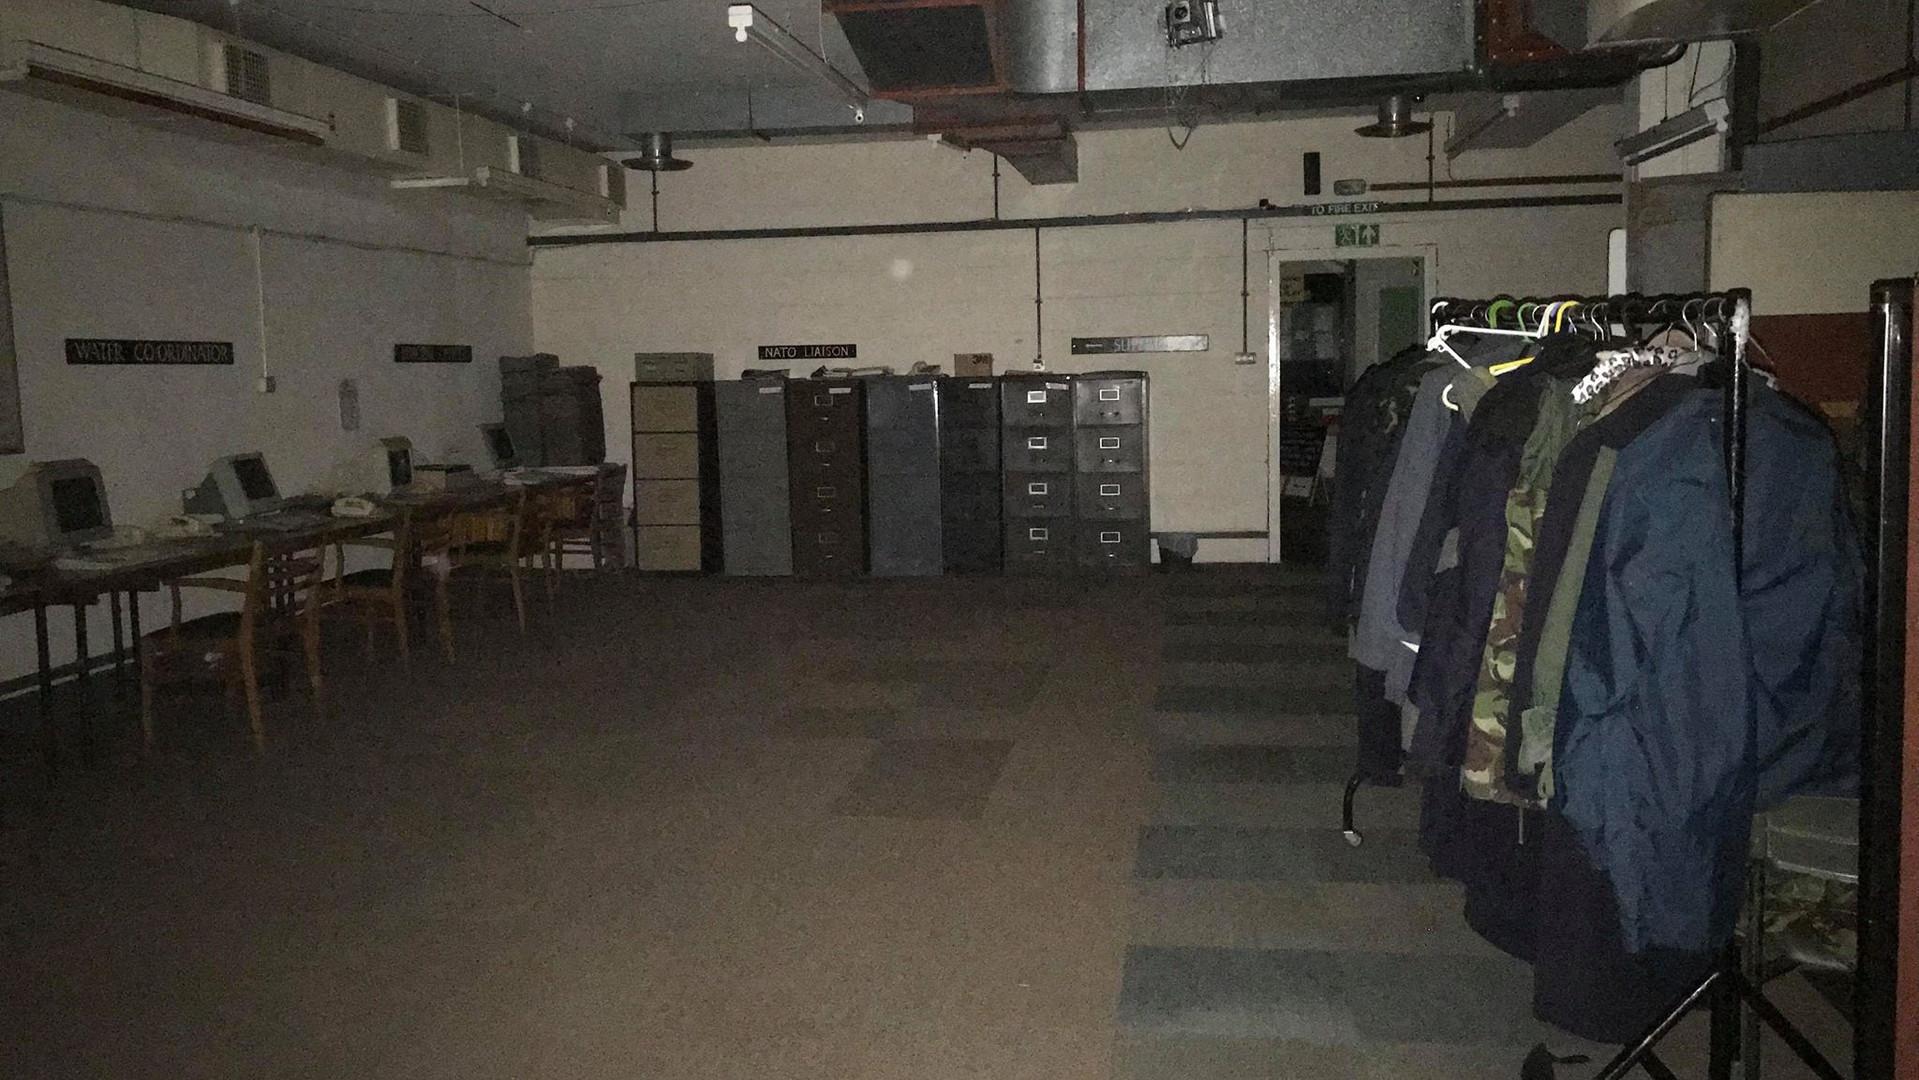 computer room 4jpg.jpg